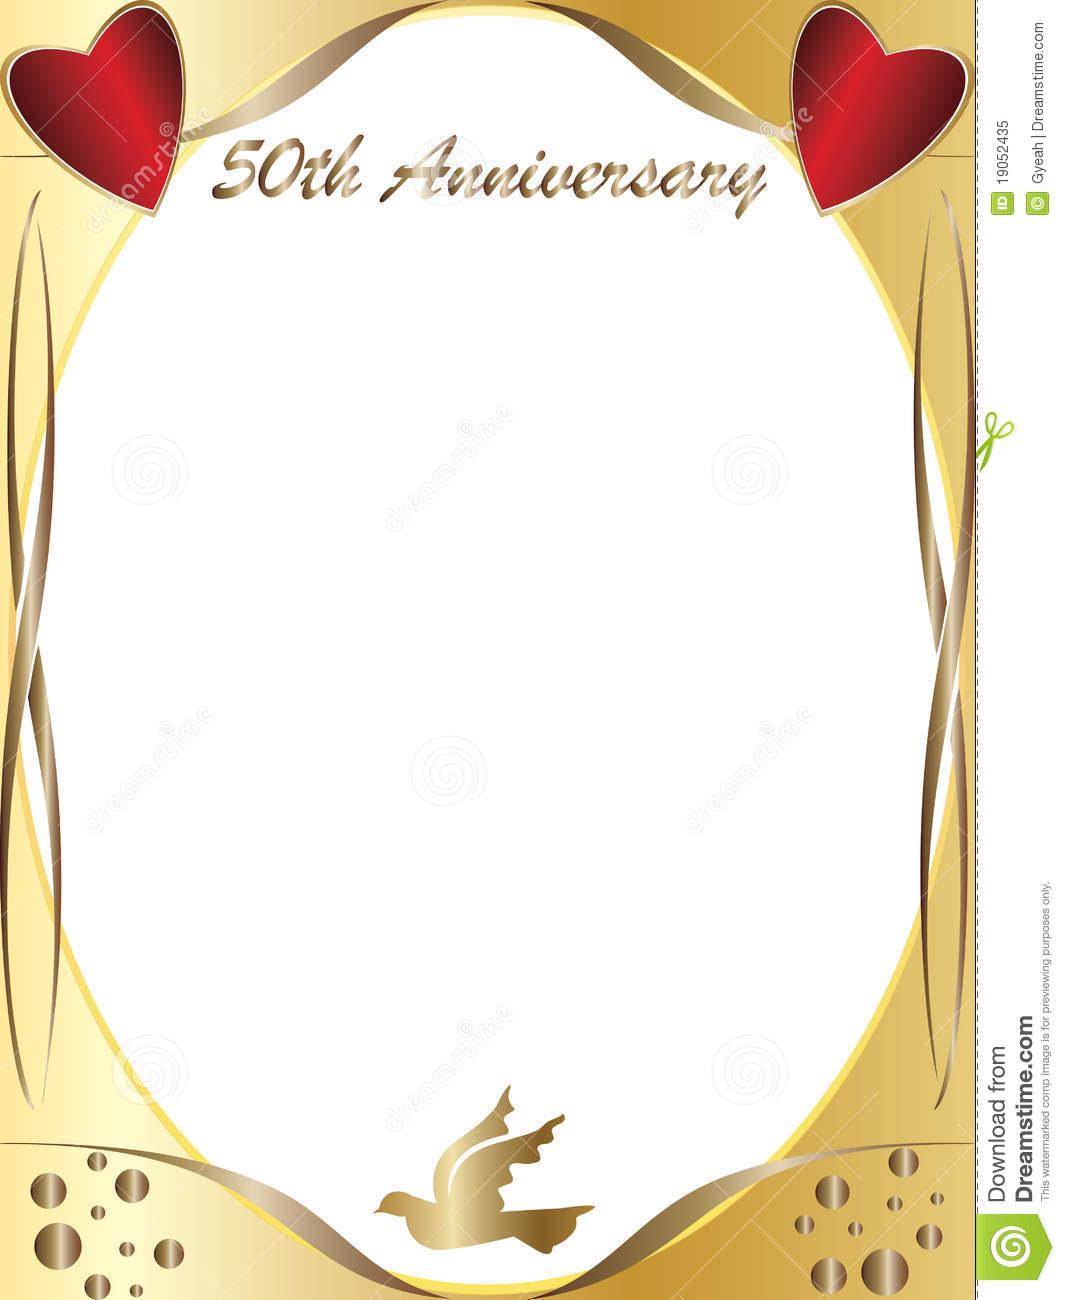 Anniversary Border Clipart.